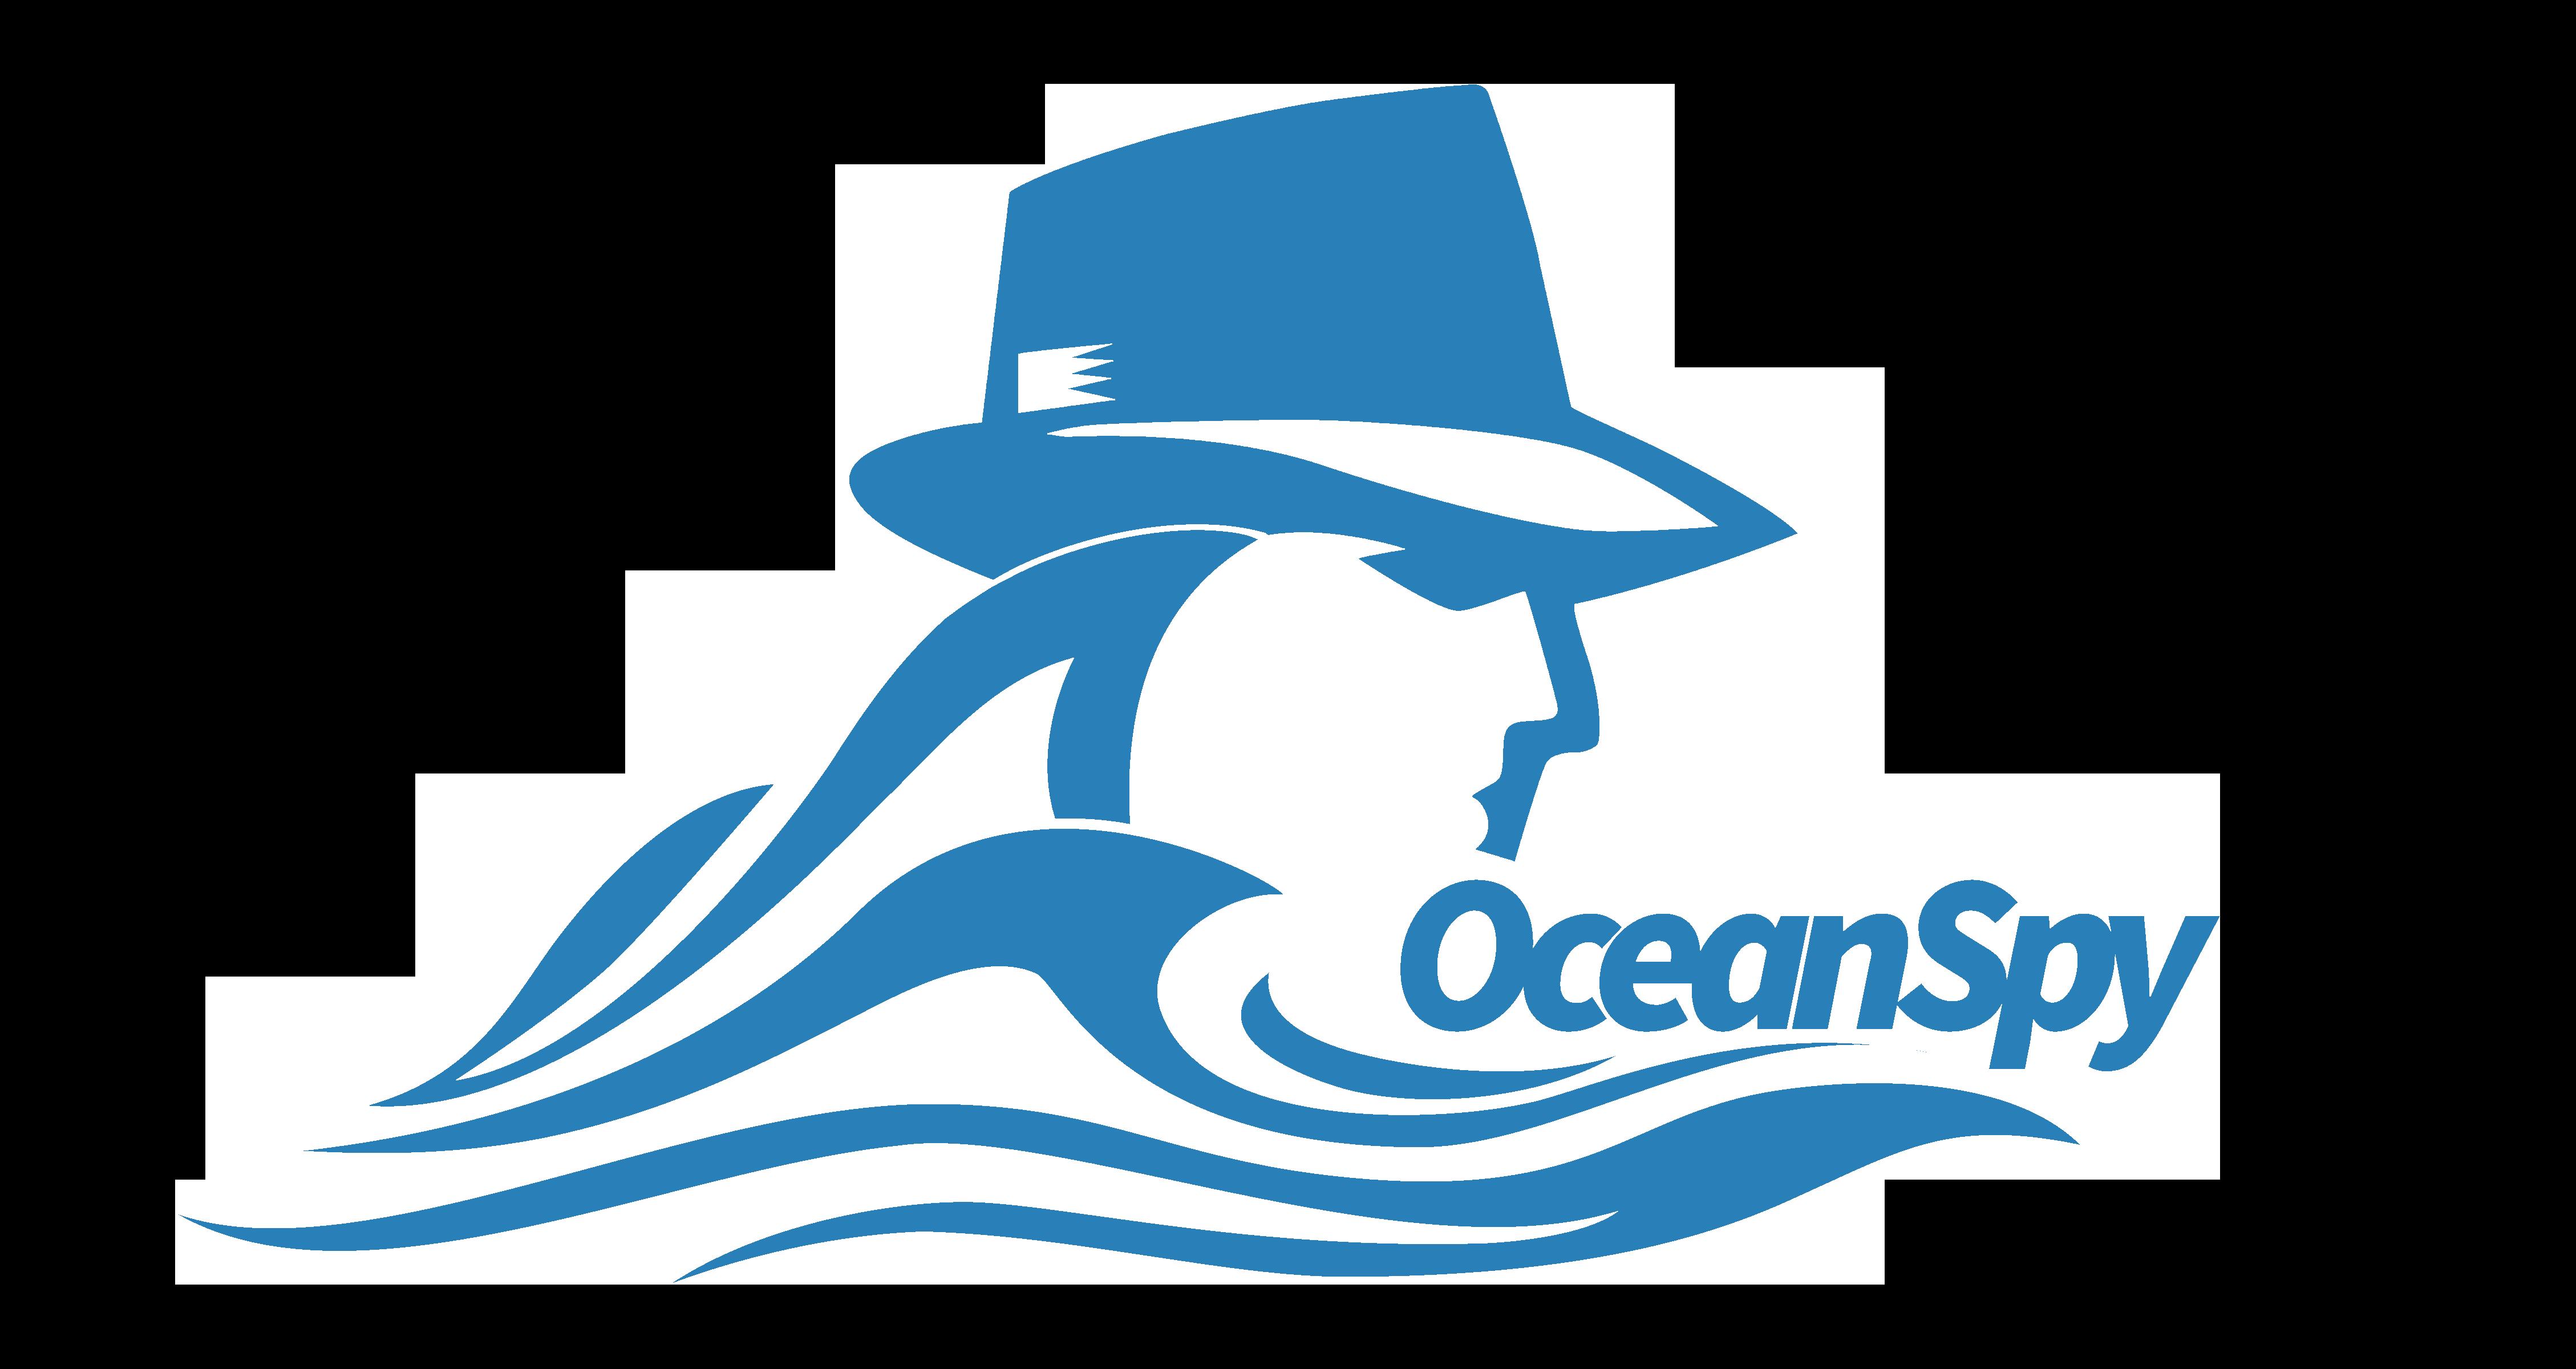 OceanSpy image